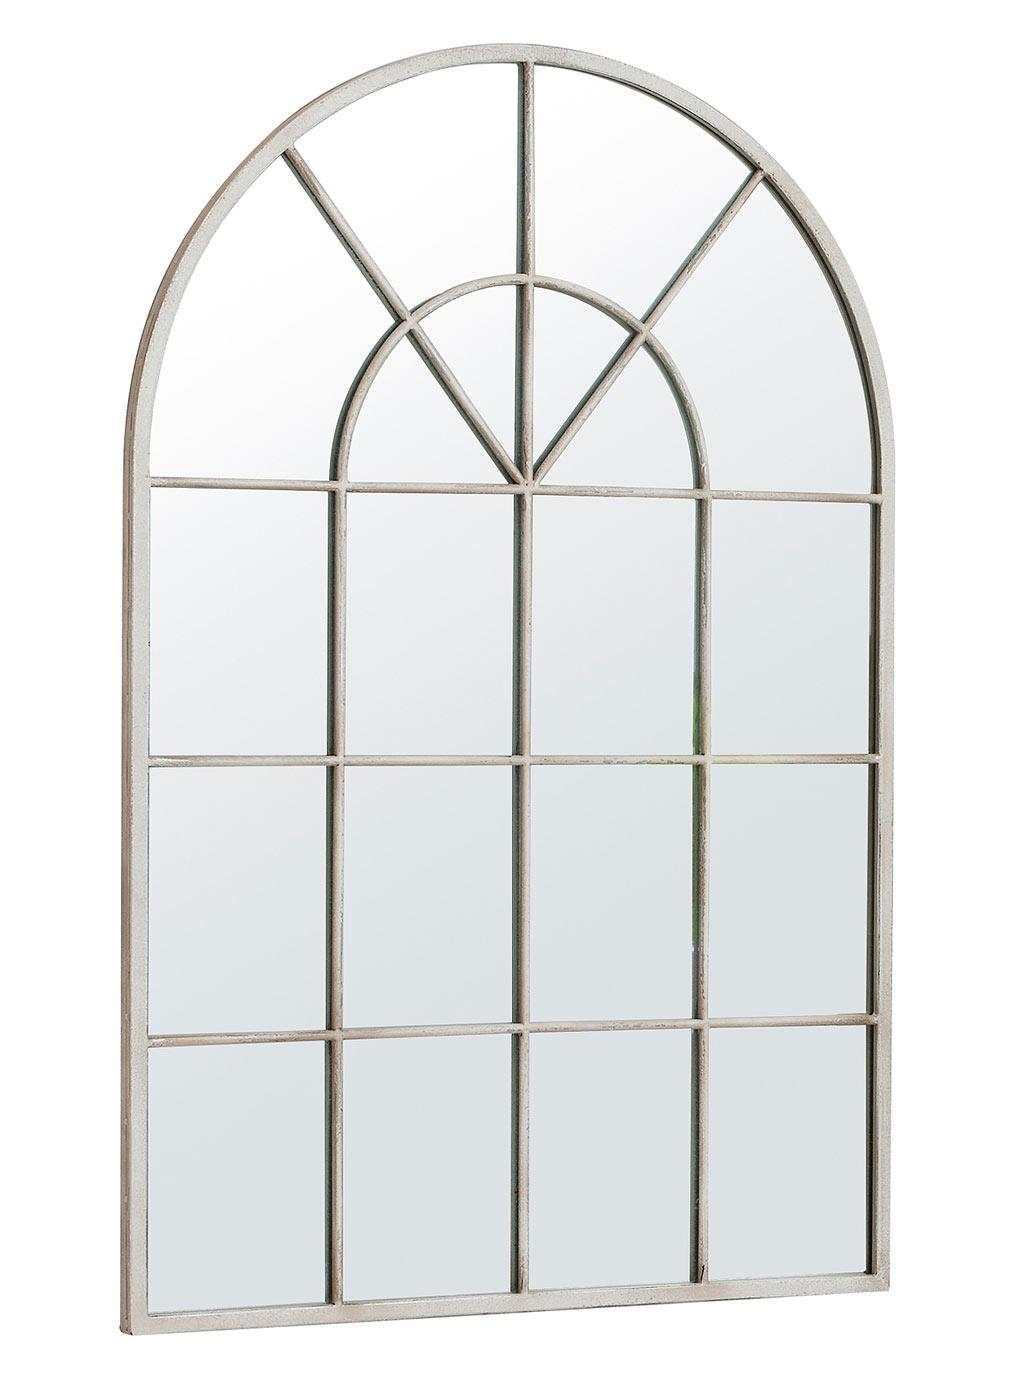 White apron argos - Mirror